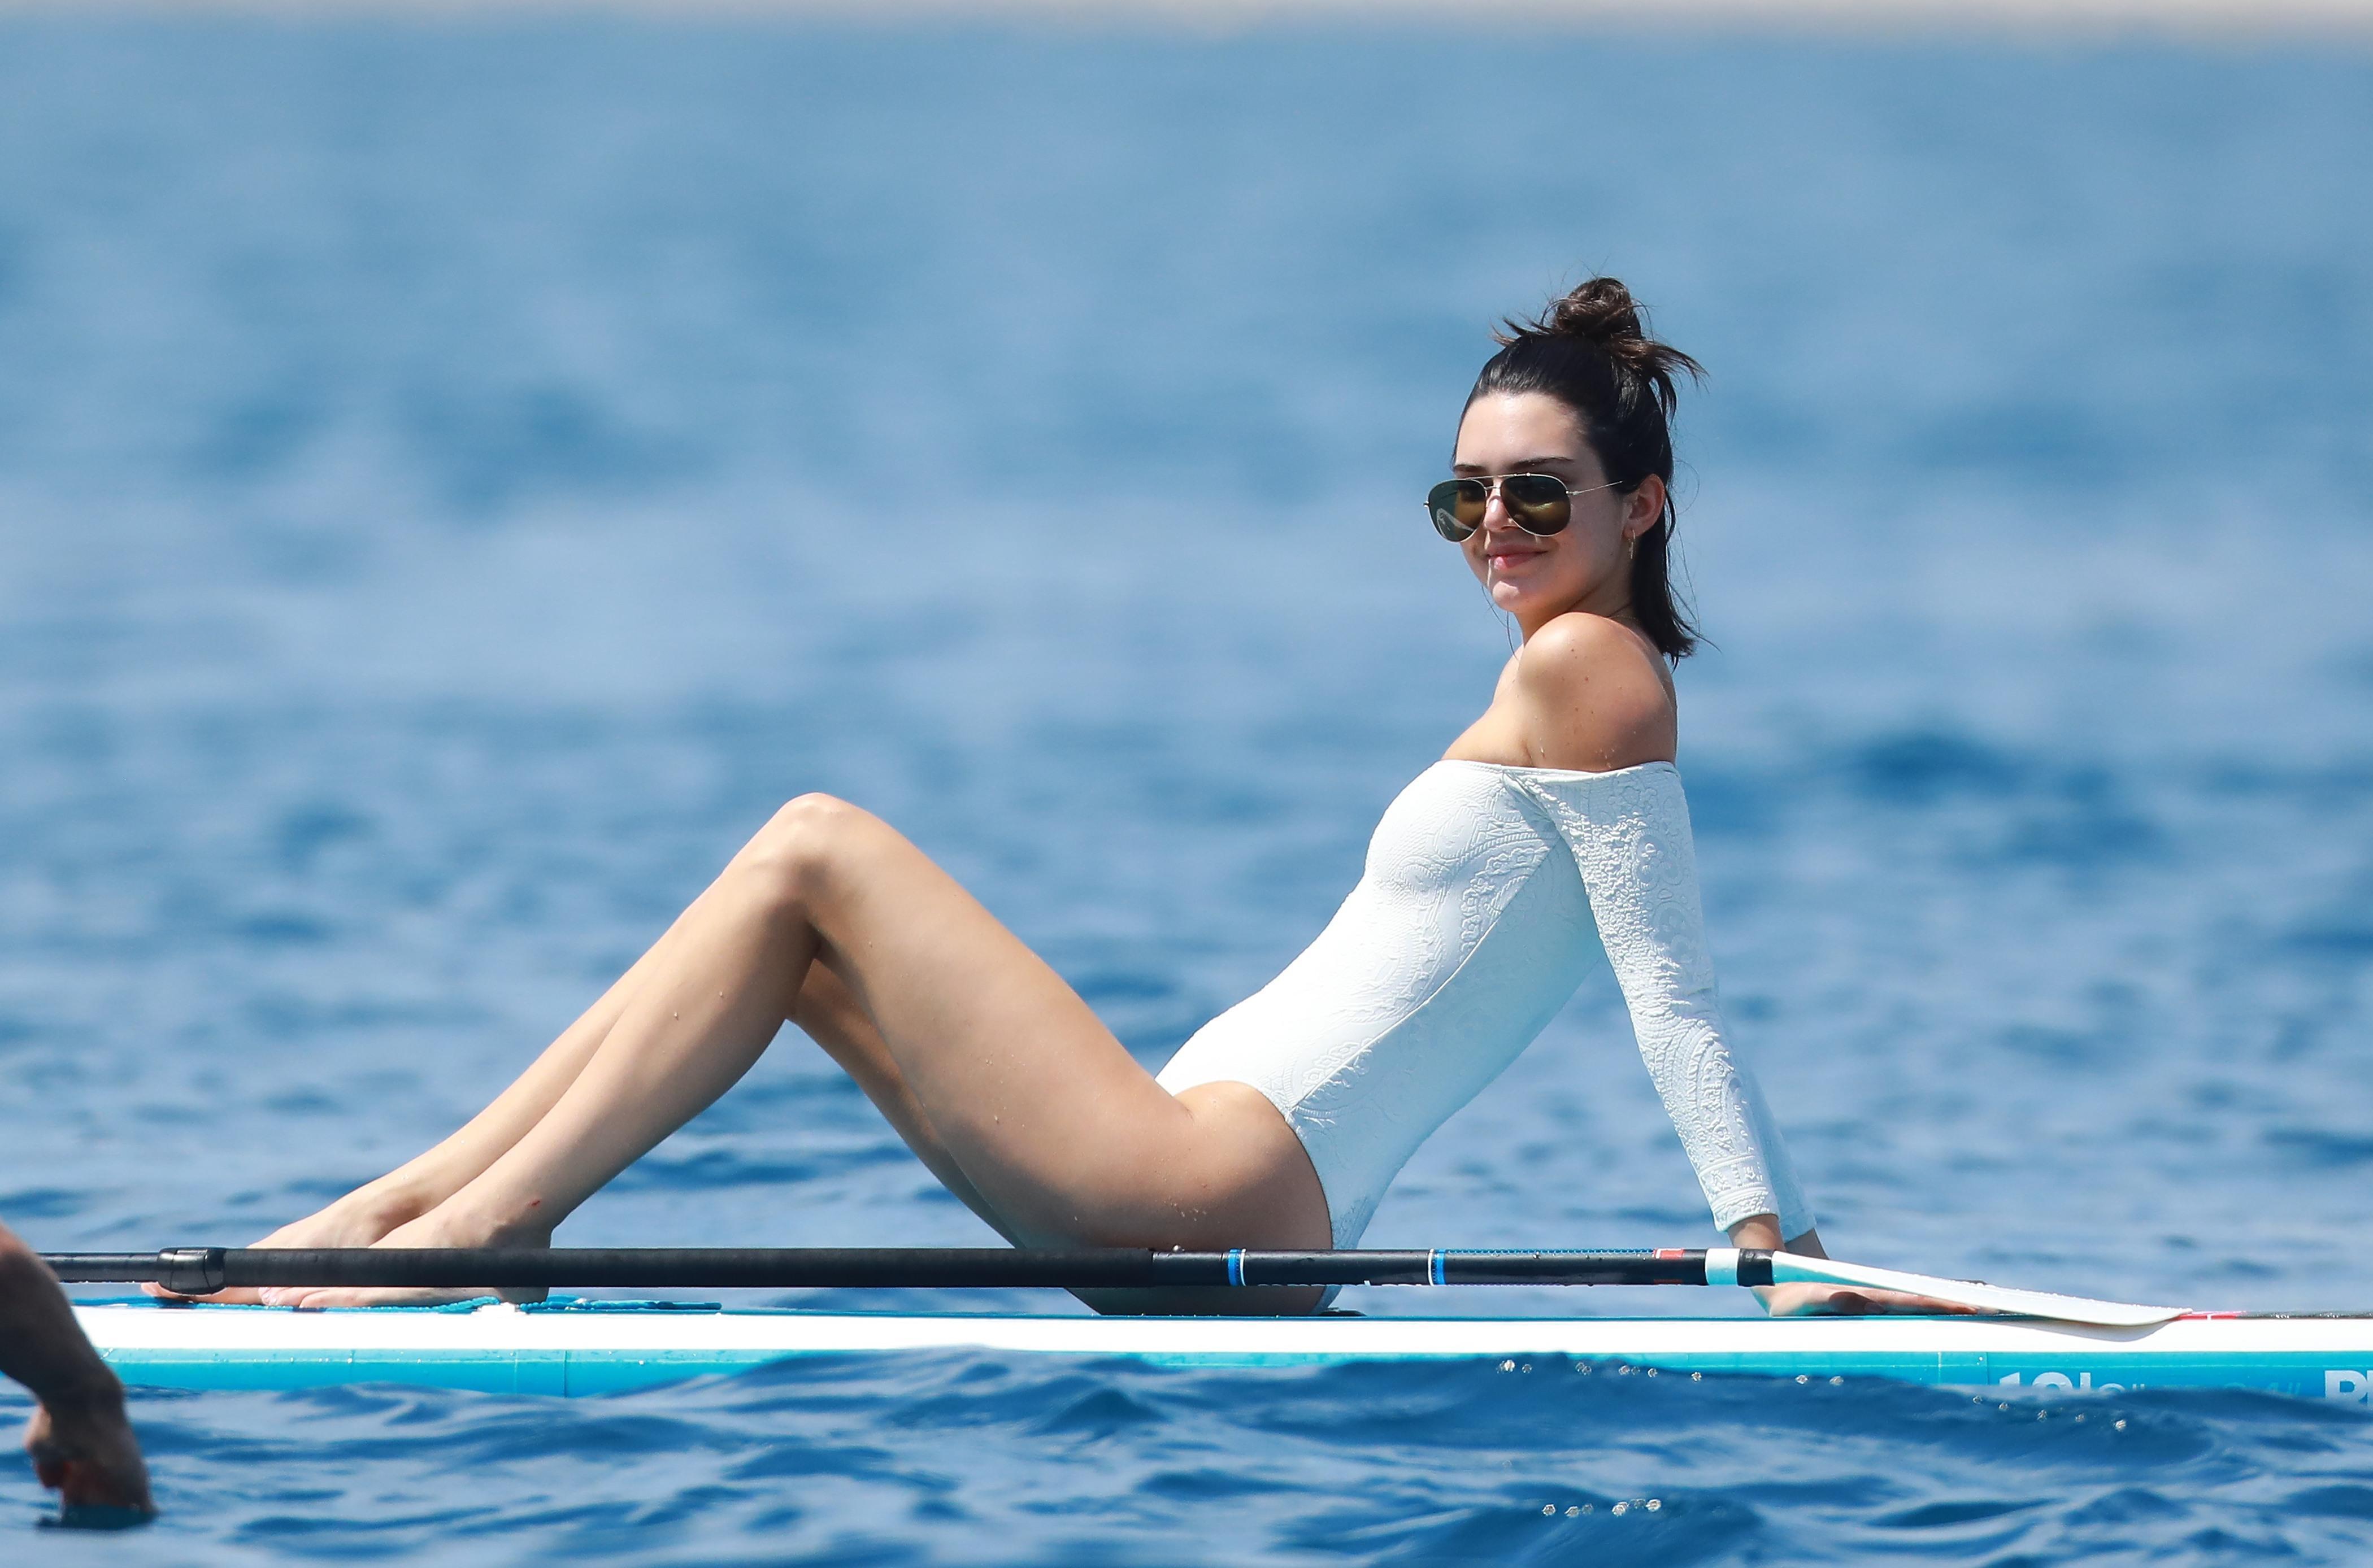 đồ bơi nữ tay dài áo trễ vai trắng lướt ván kendall jenner